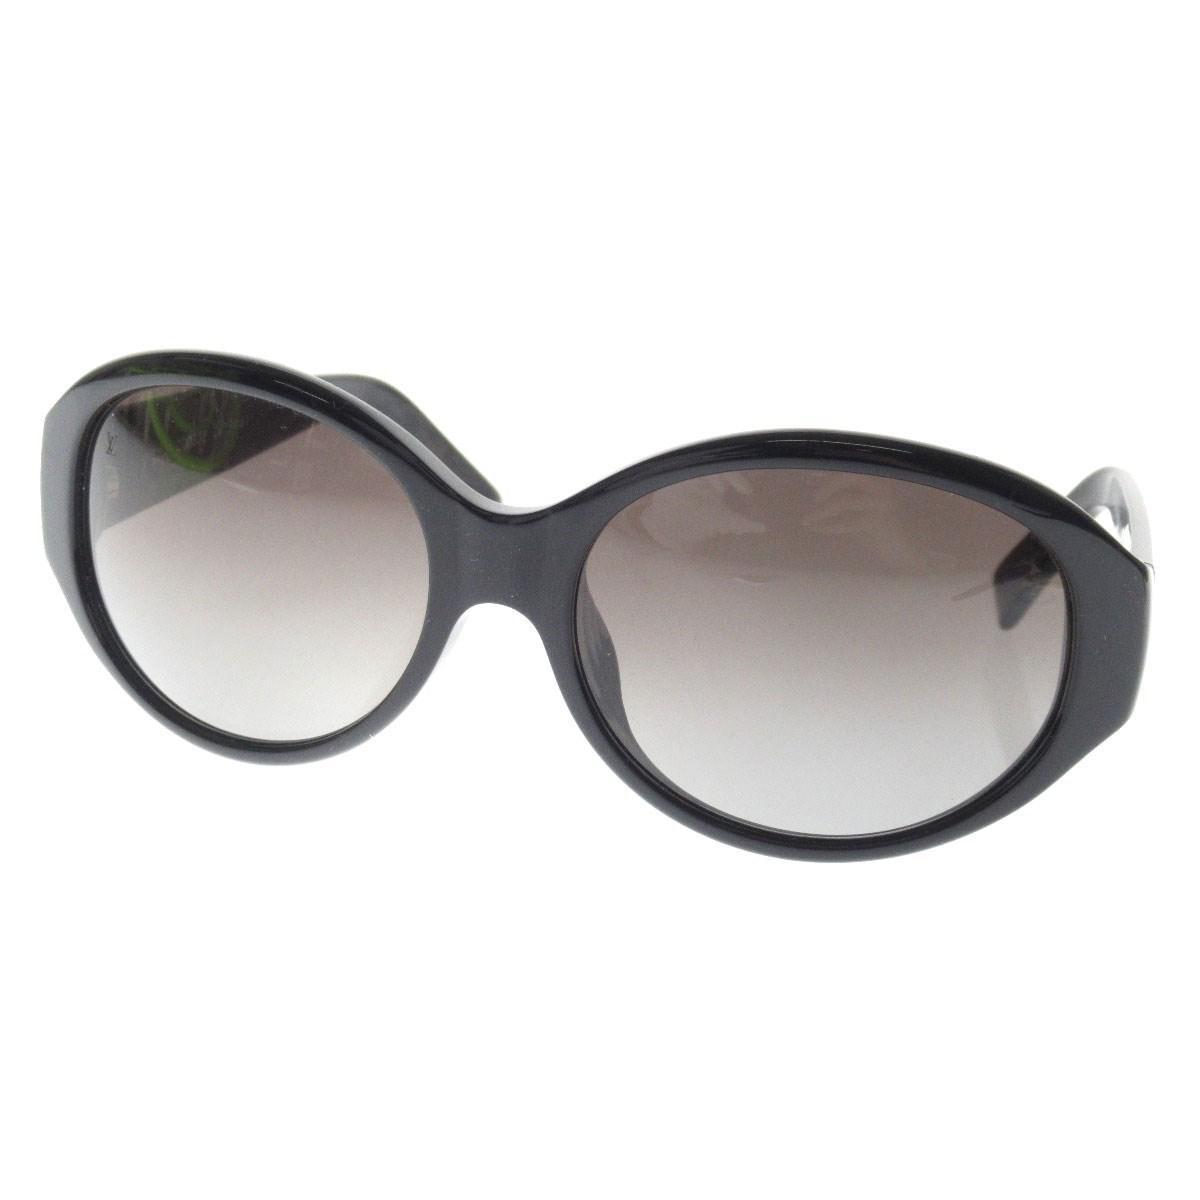 61d395990952d Lyst - Louis Vuitton Plastic Sunglasses Logo Design in Black